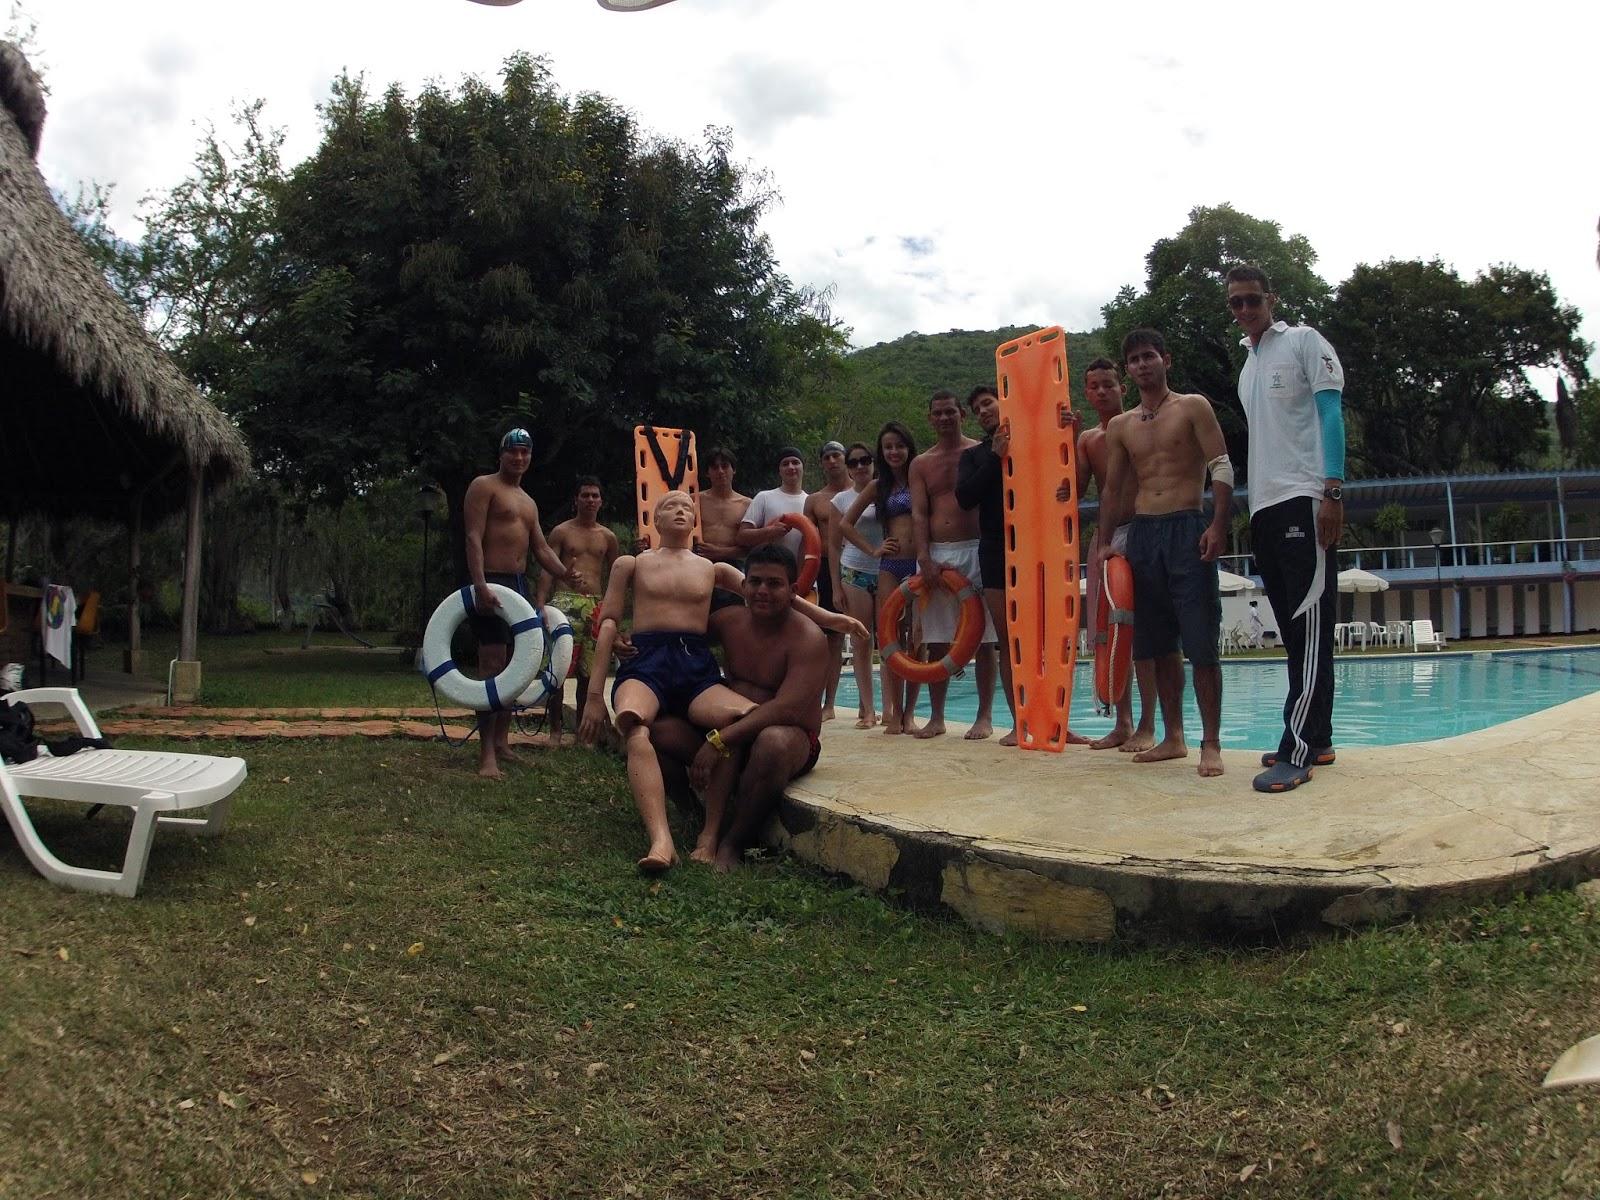 Formaci n complementaria salvavidas de piscinas for Salvavidas para piscinas